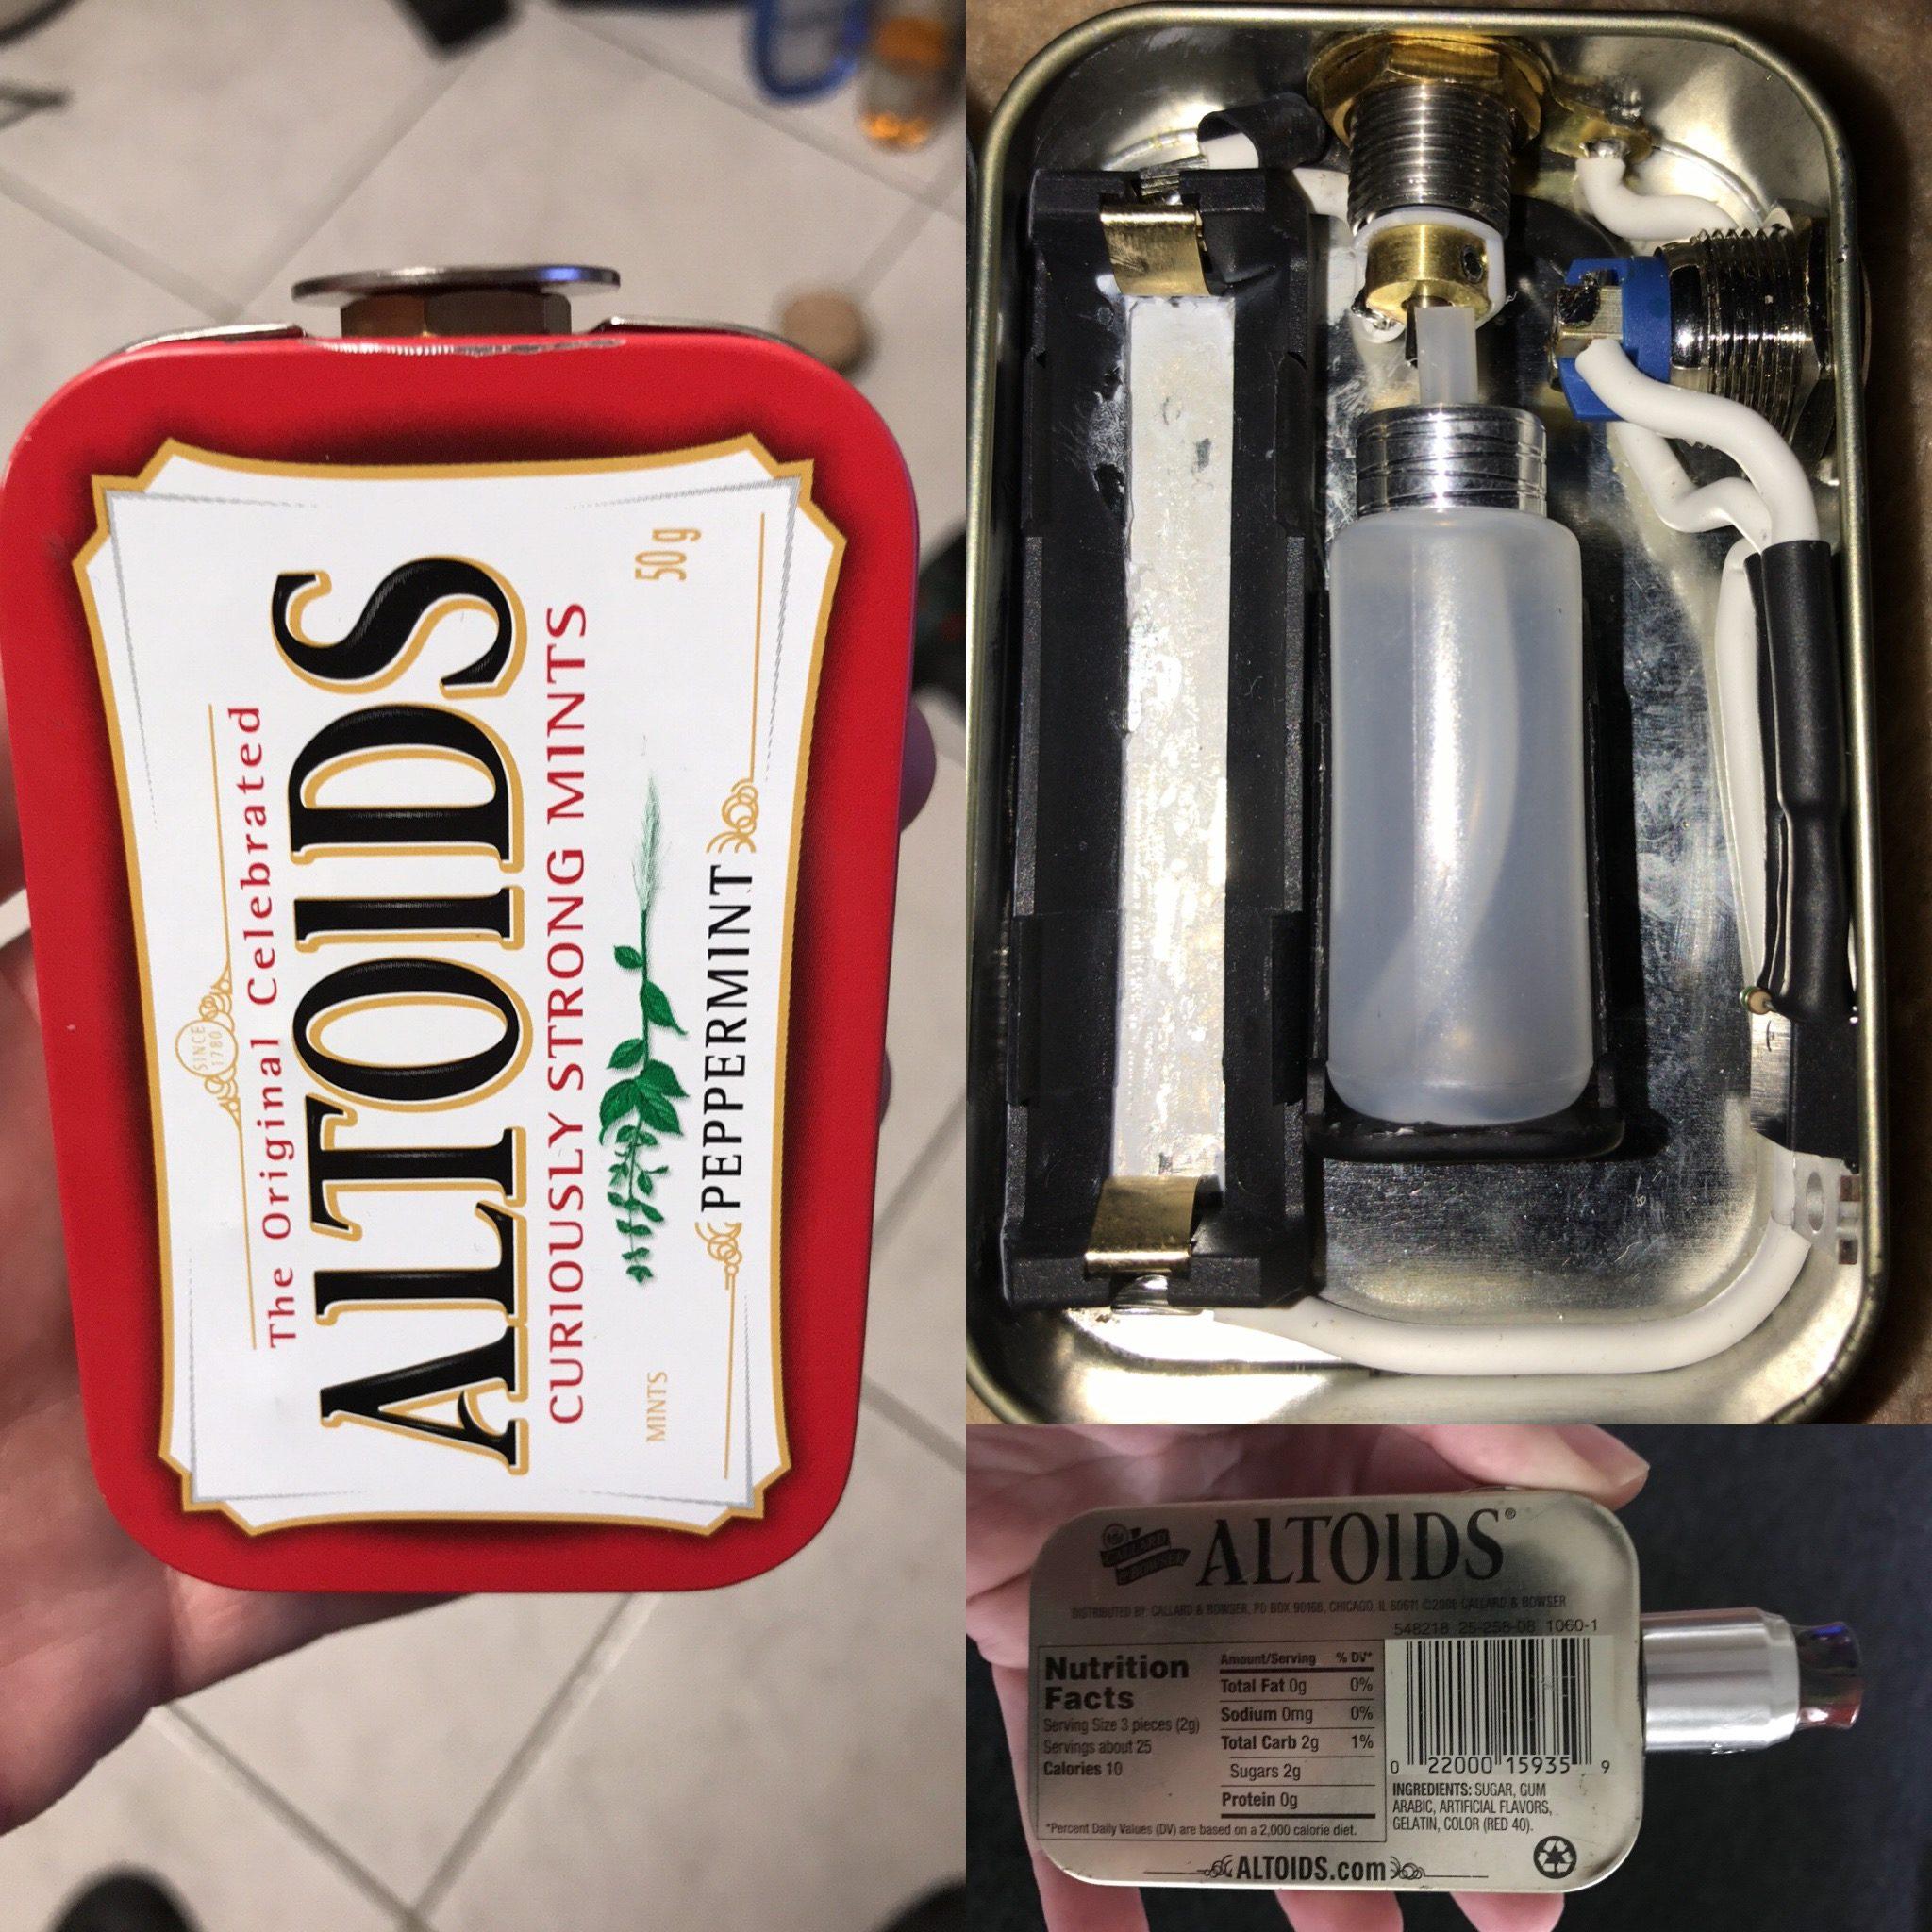 Die Altoids Pfefferminz Dose als ein 1s squonker mod